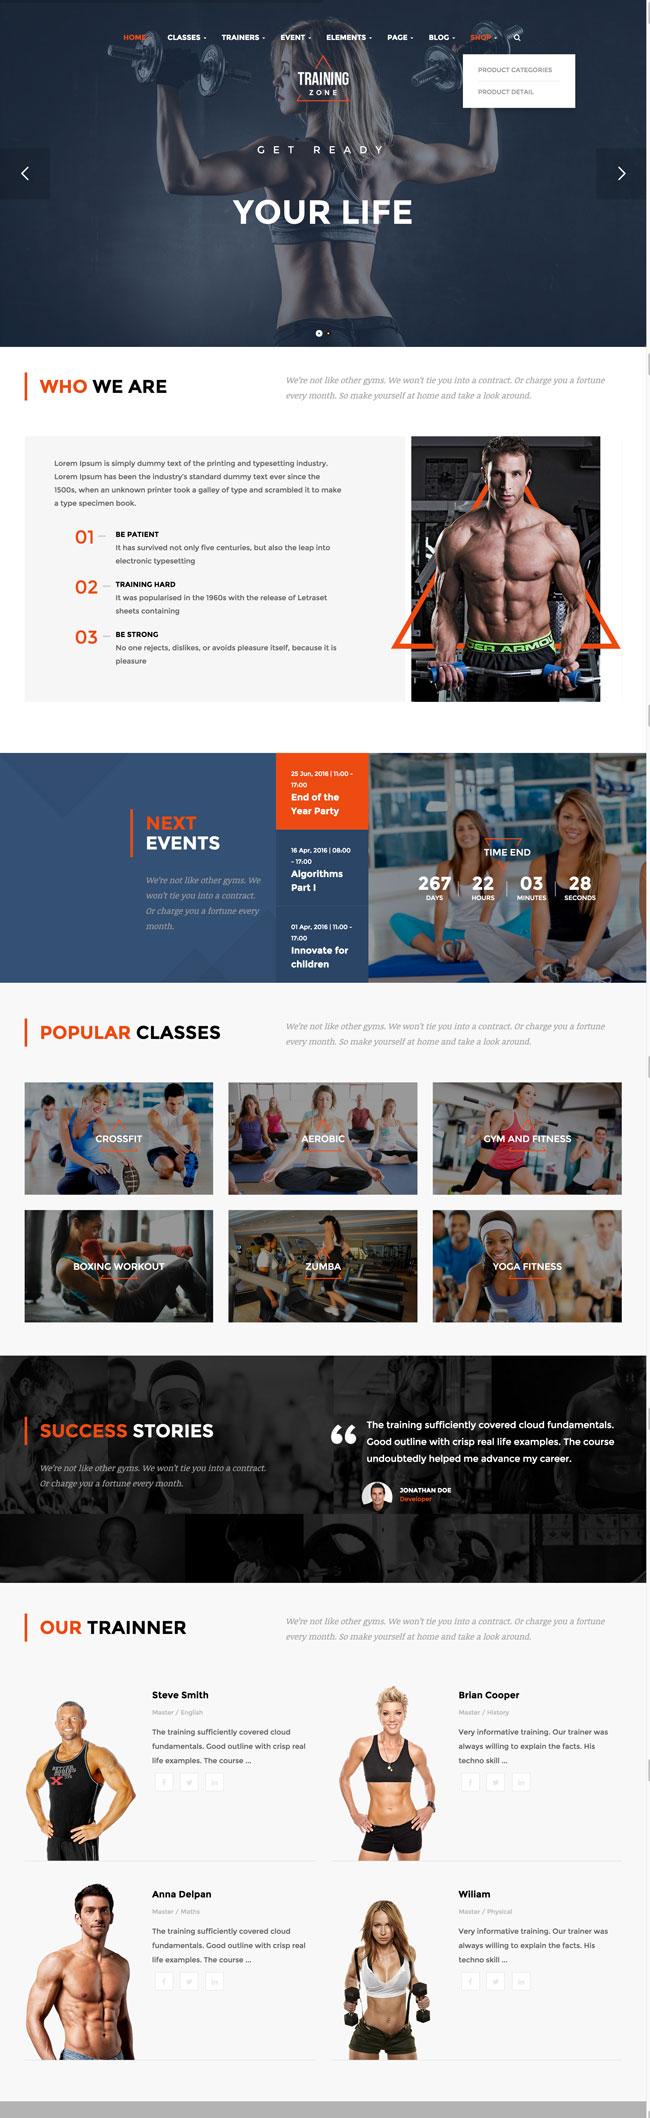 Training-Zone-Gym-Fitness-WordPress-Theme